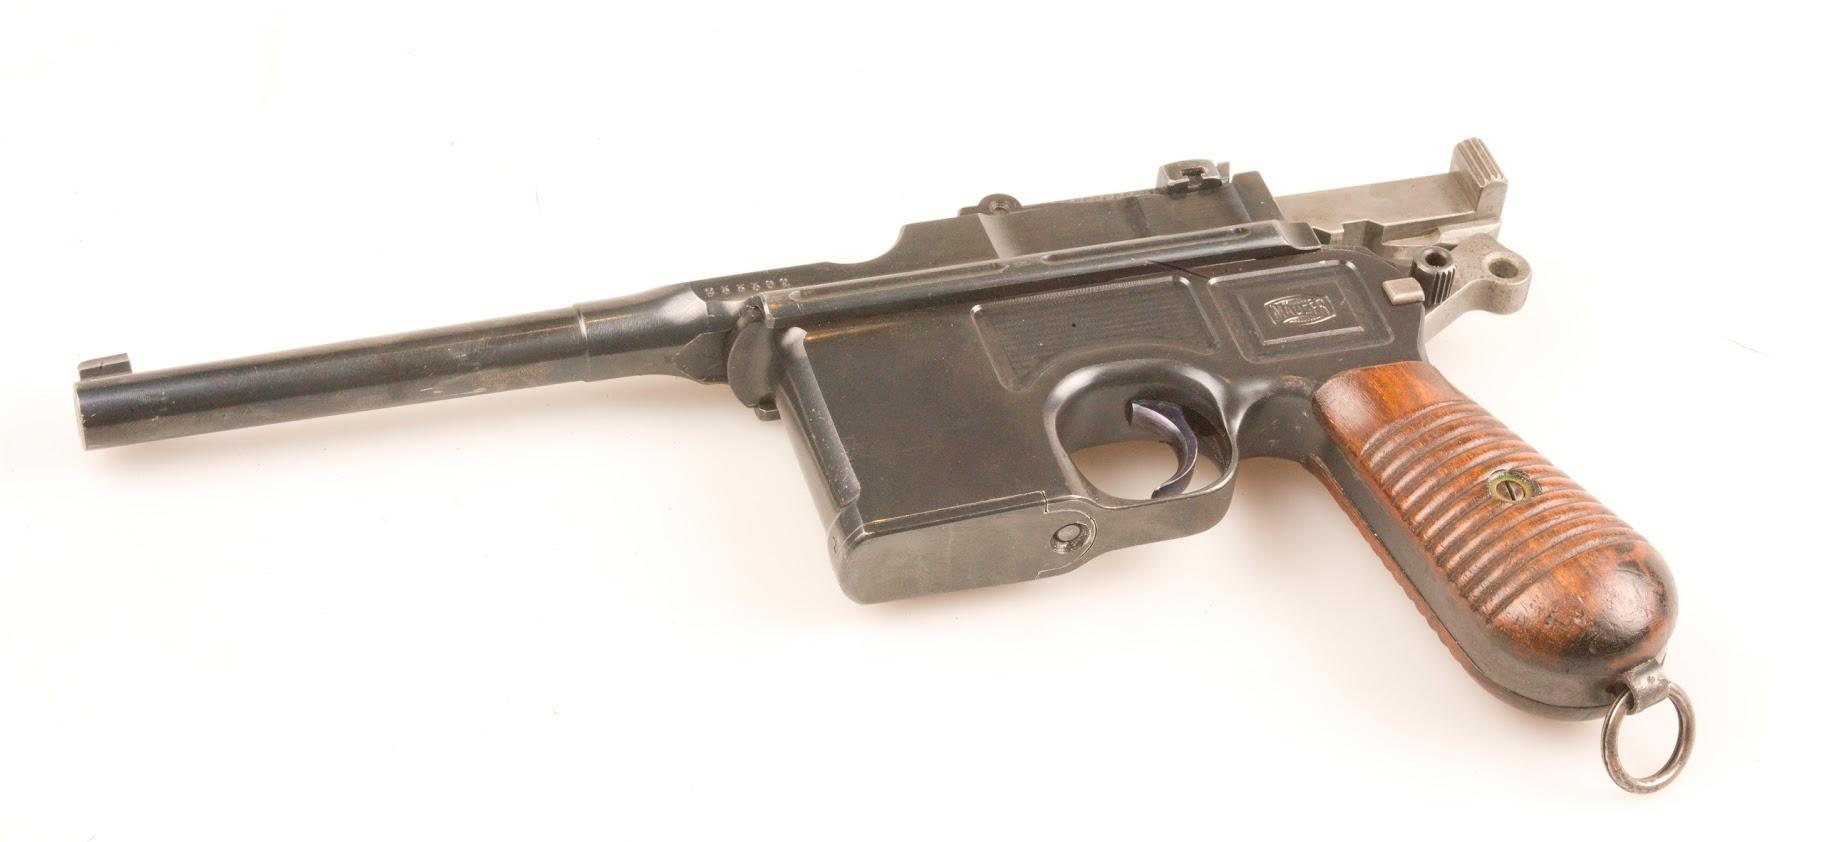 COLT 1911 Commémo JMBC Image